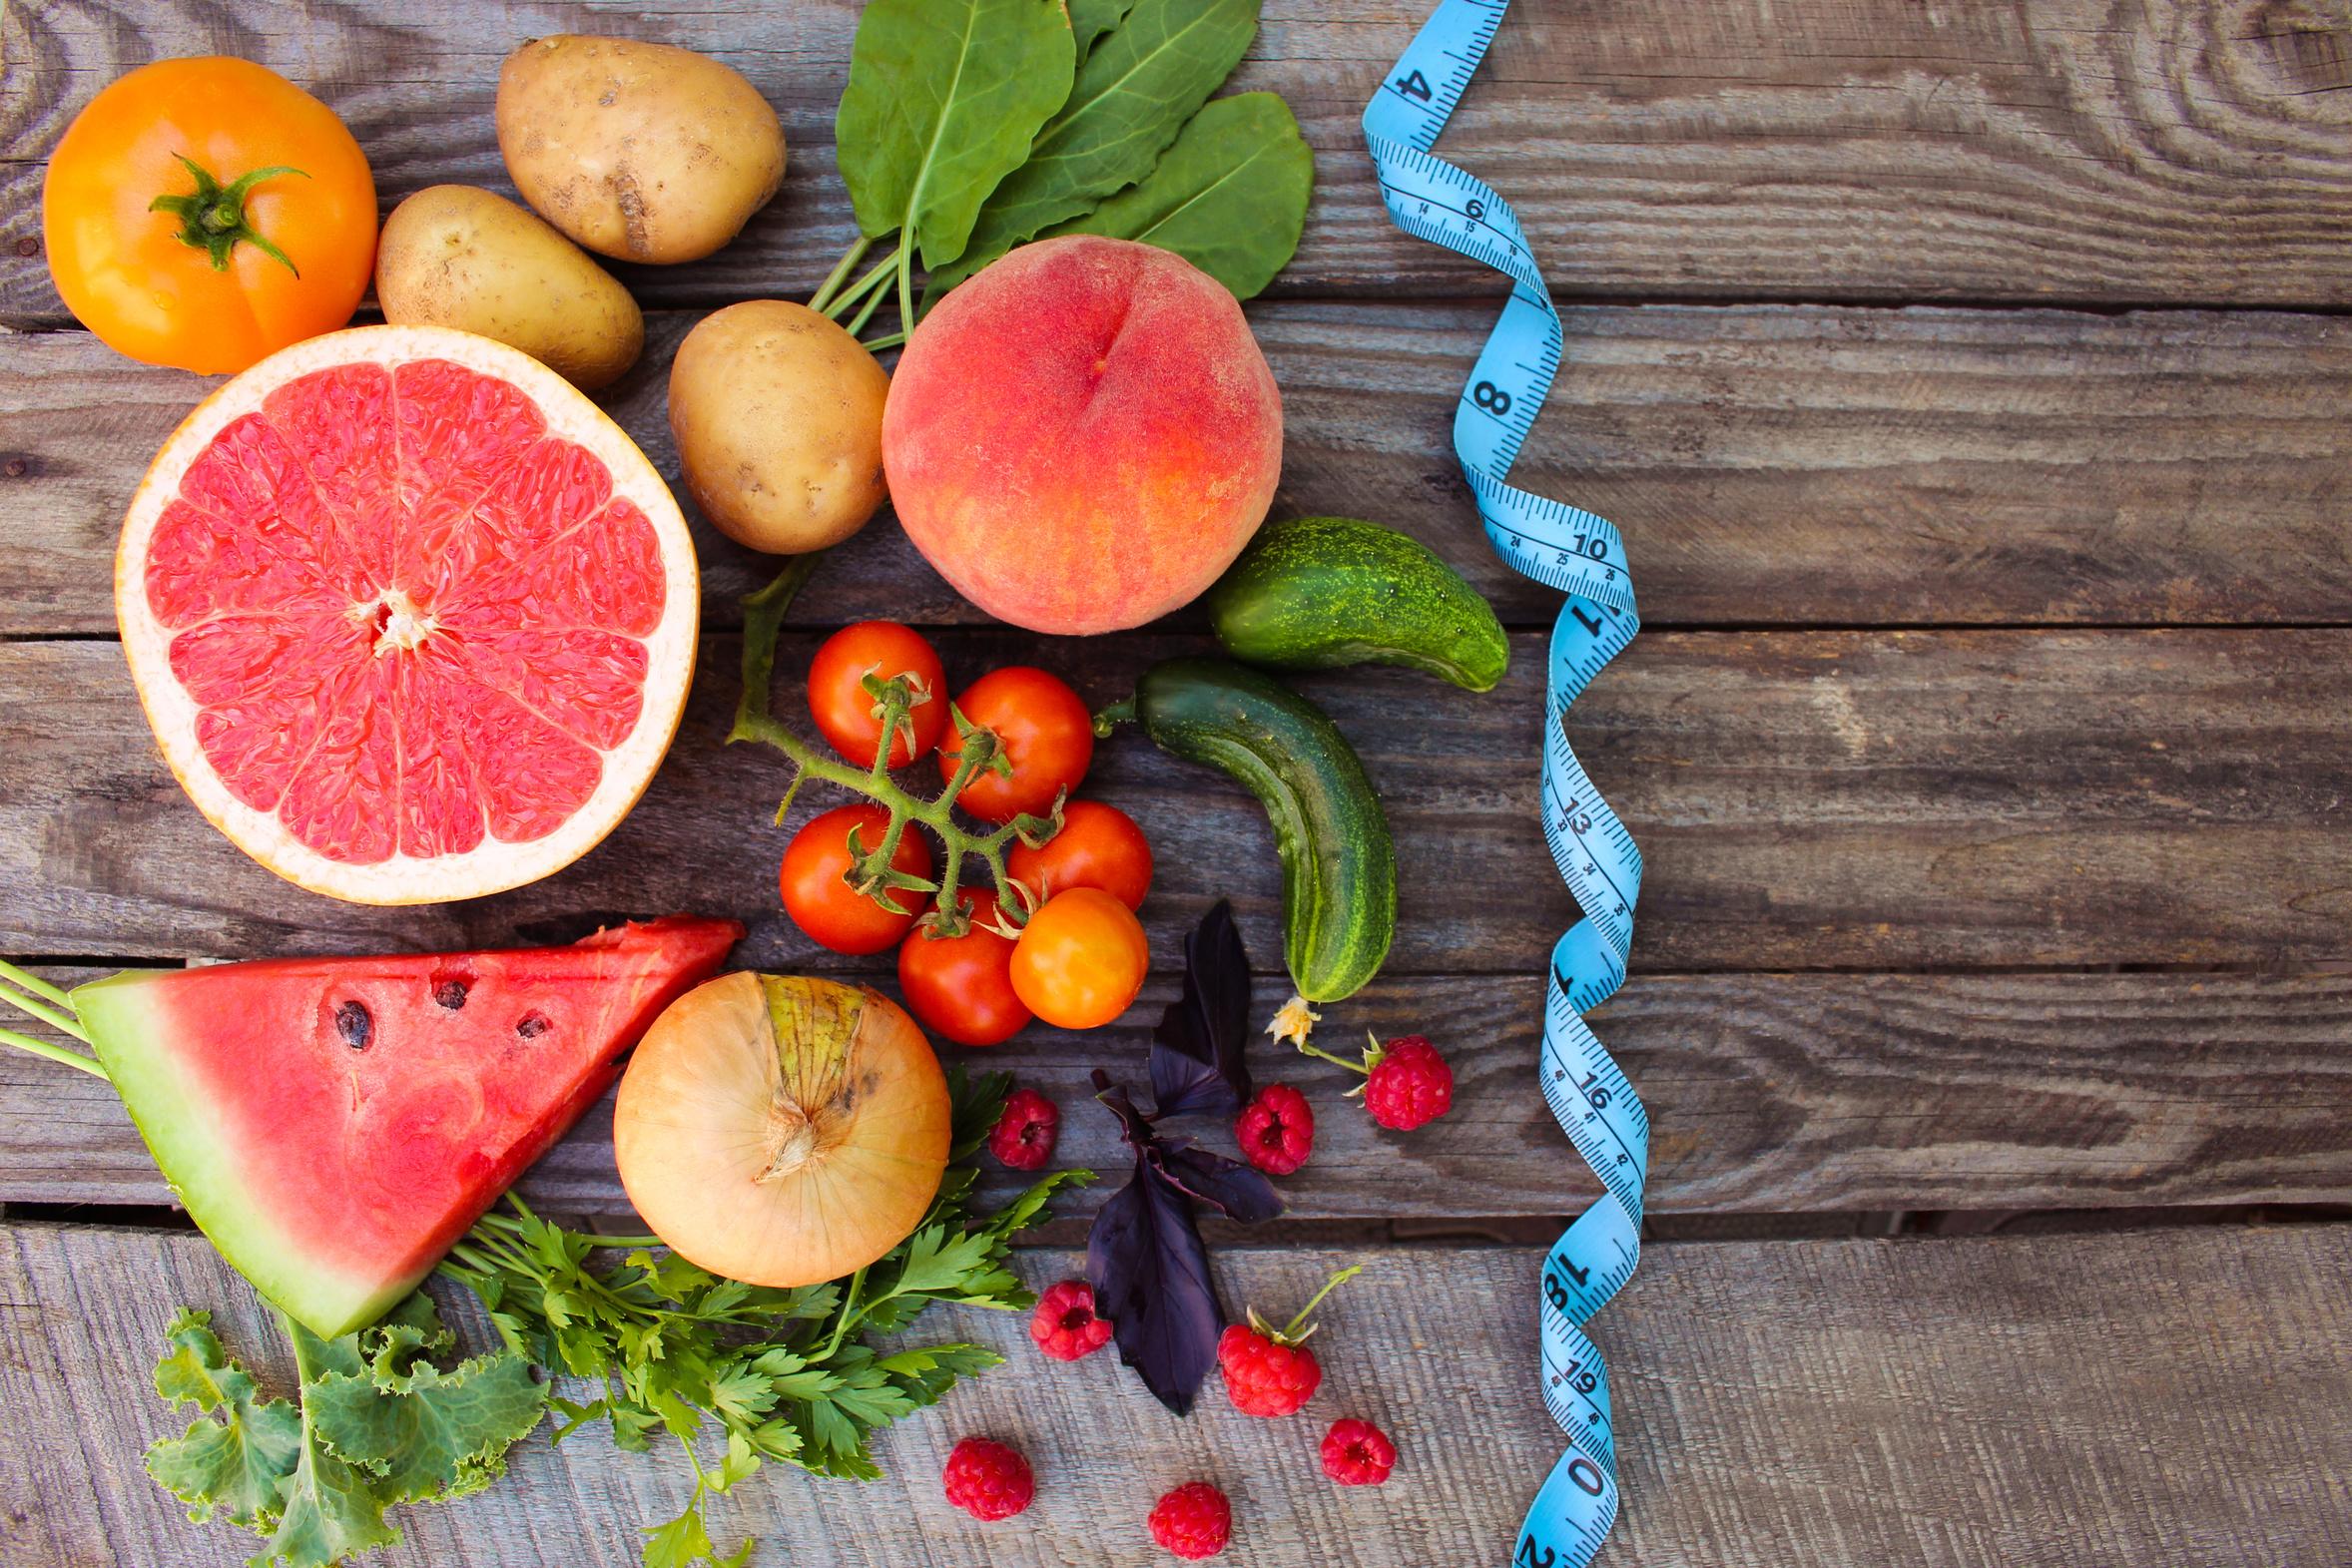 Stoffwechseldiät, Aktivierung des Stoffwechsels, schneller Abnehmen, Nachhaltig Gewicht reduzieren, Ernährung umstellen, Stoffwechselzentrum, Stoffwechselaktivierung